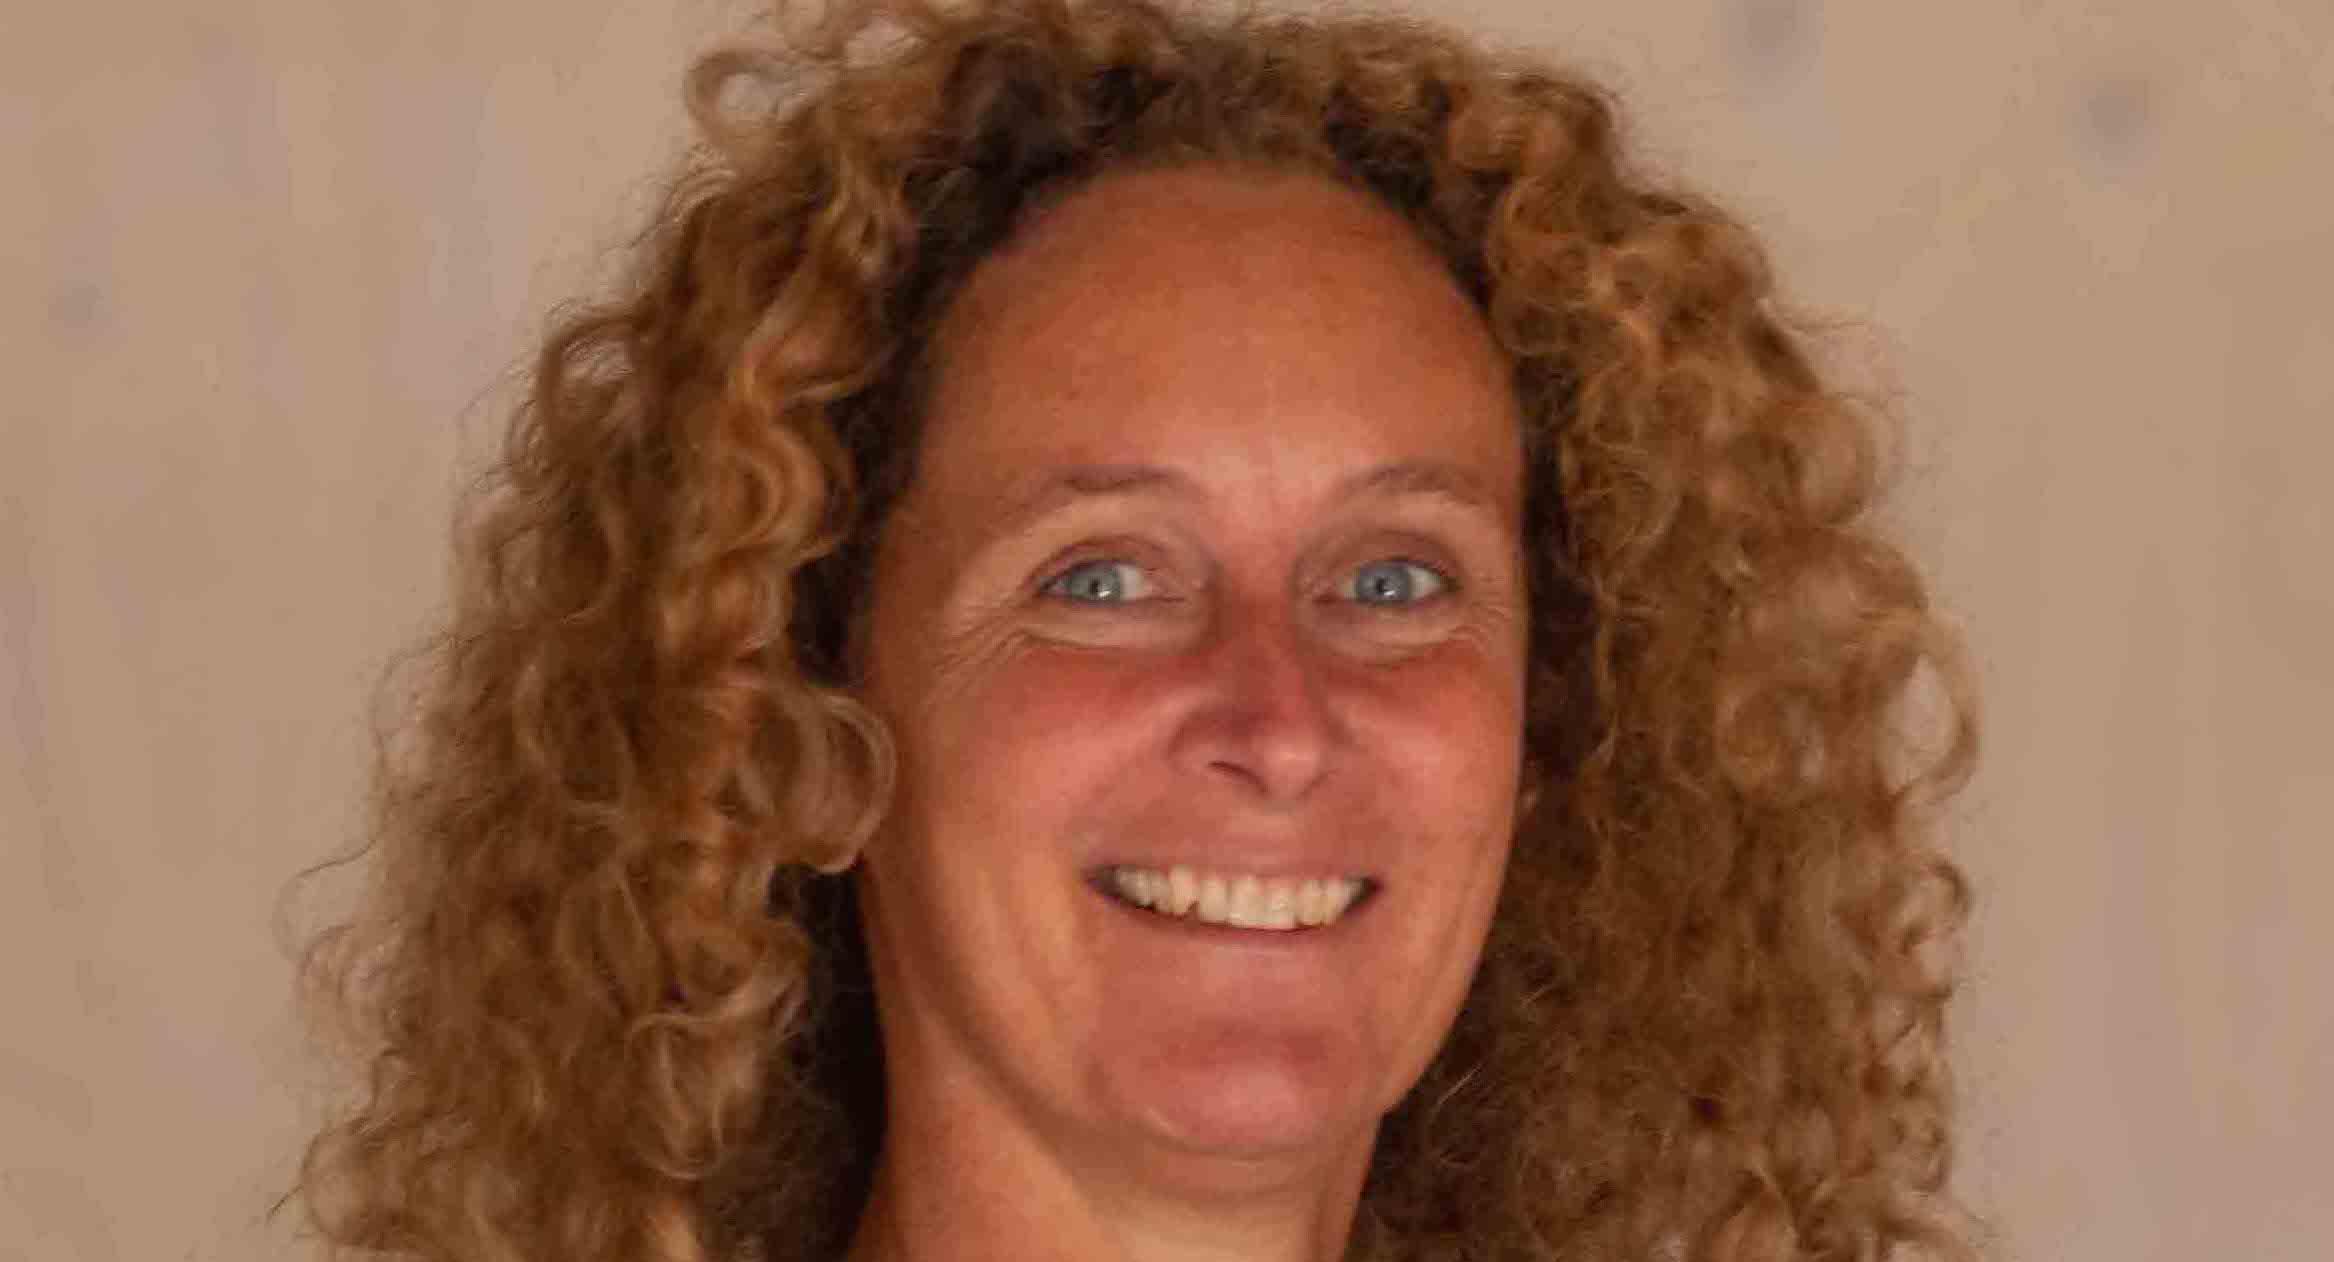 Angelique Klompmaker